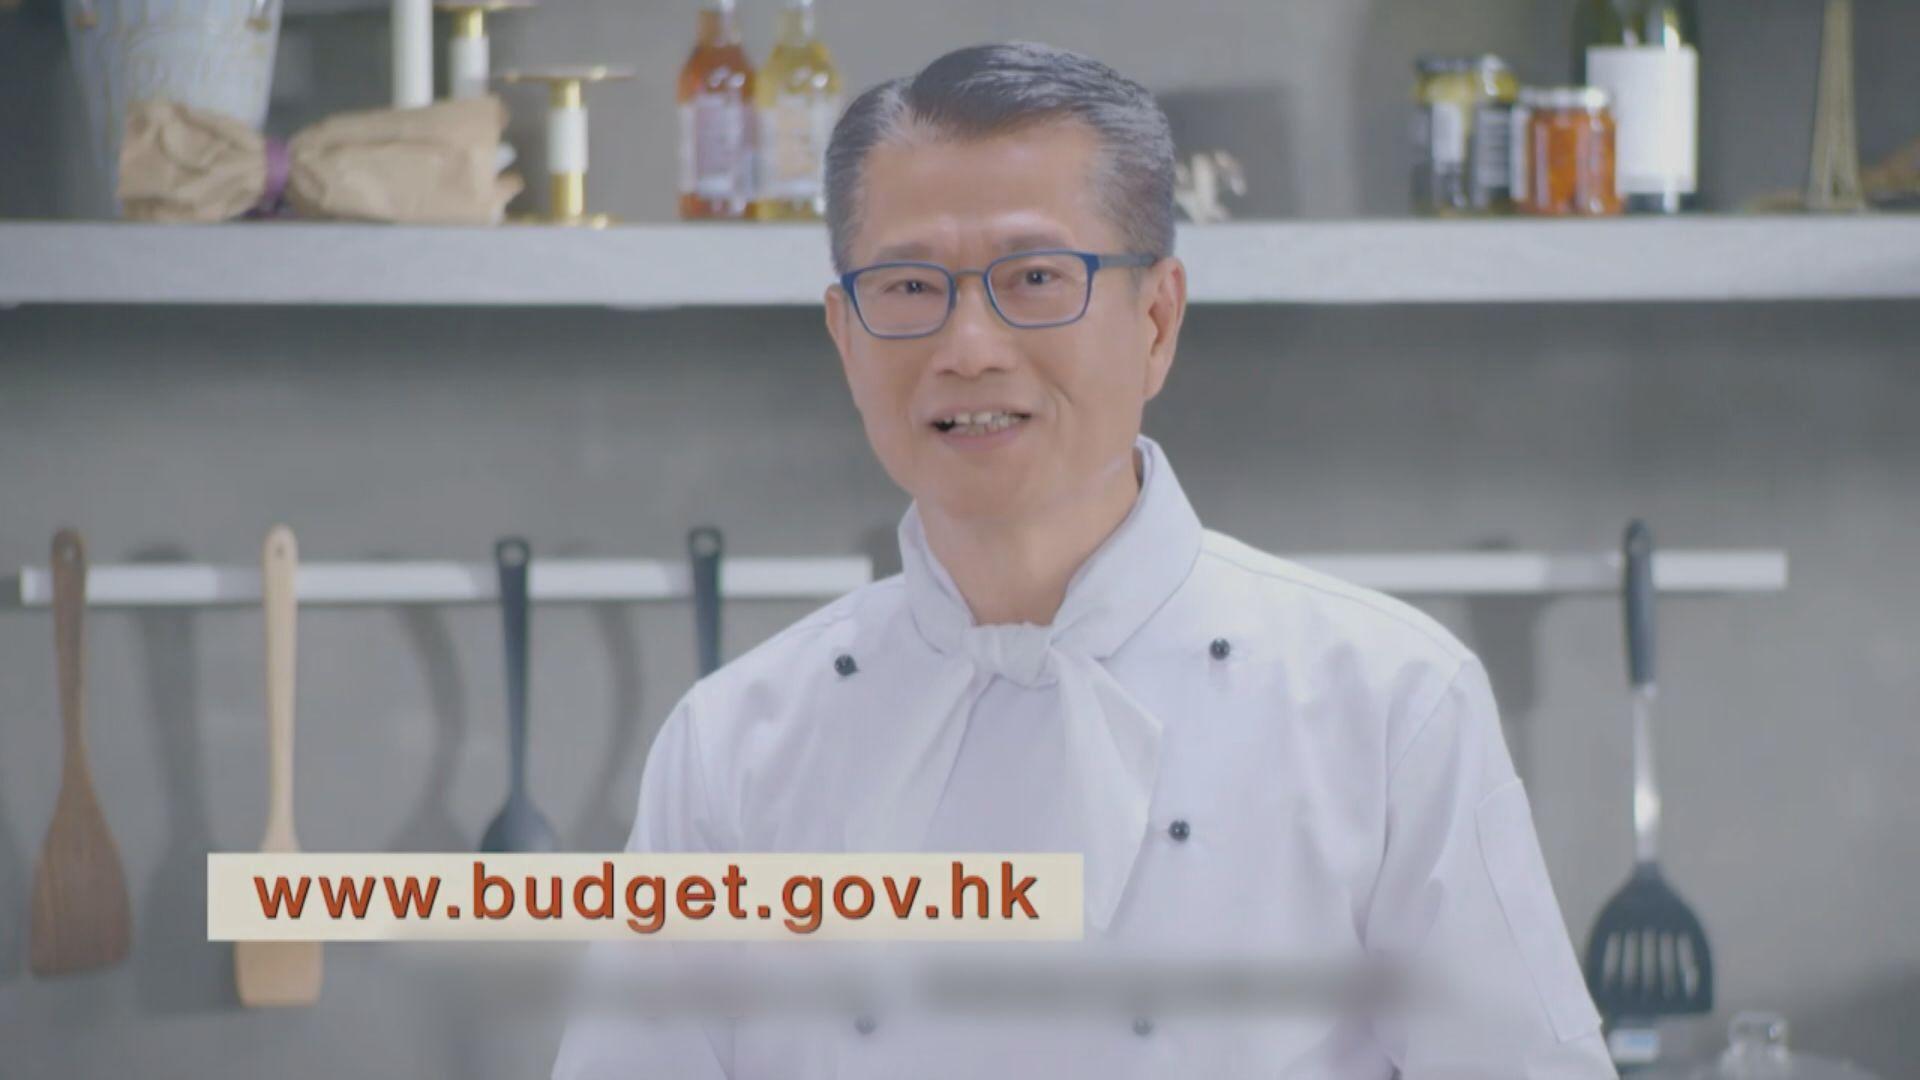 預算案展開公眾諮詢 料有赤字仍維持逆周期政策